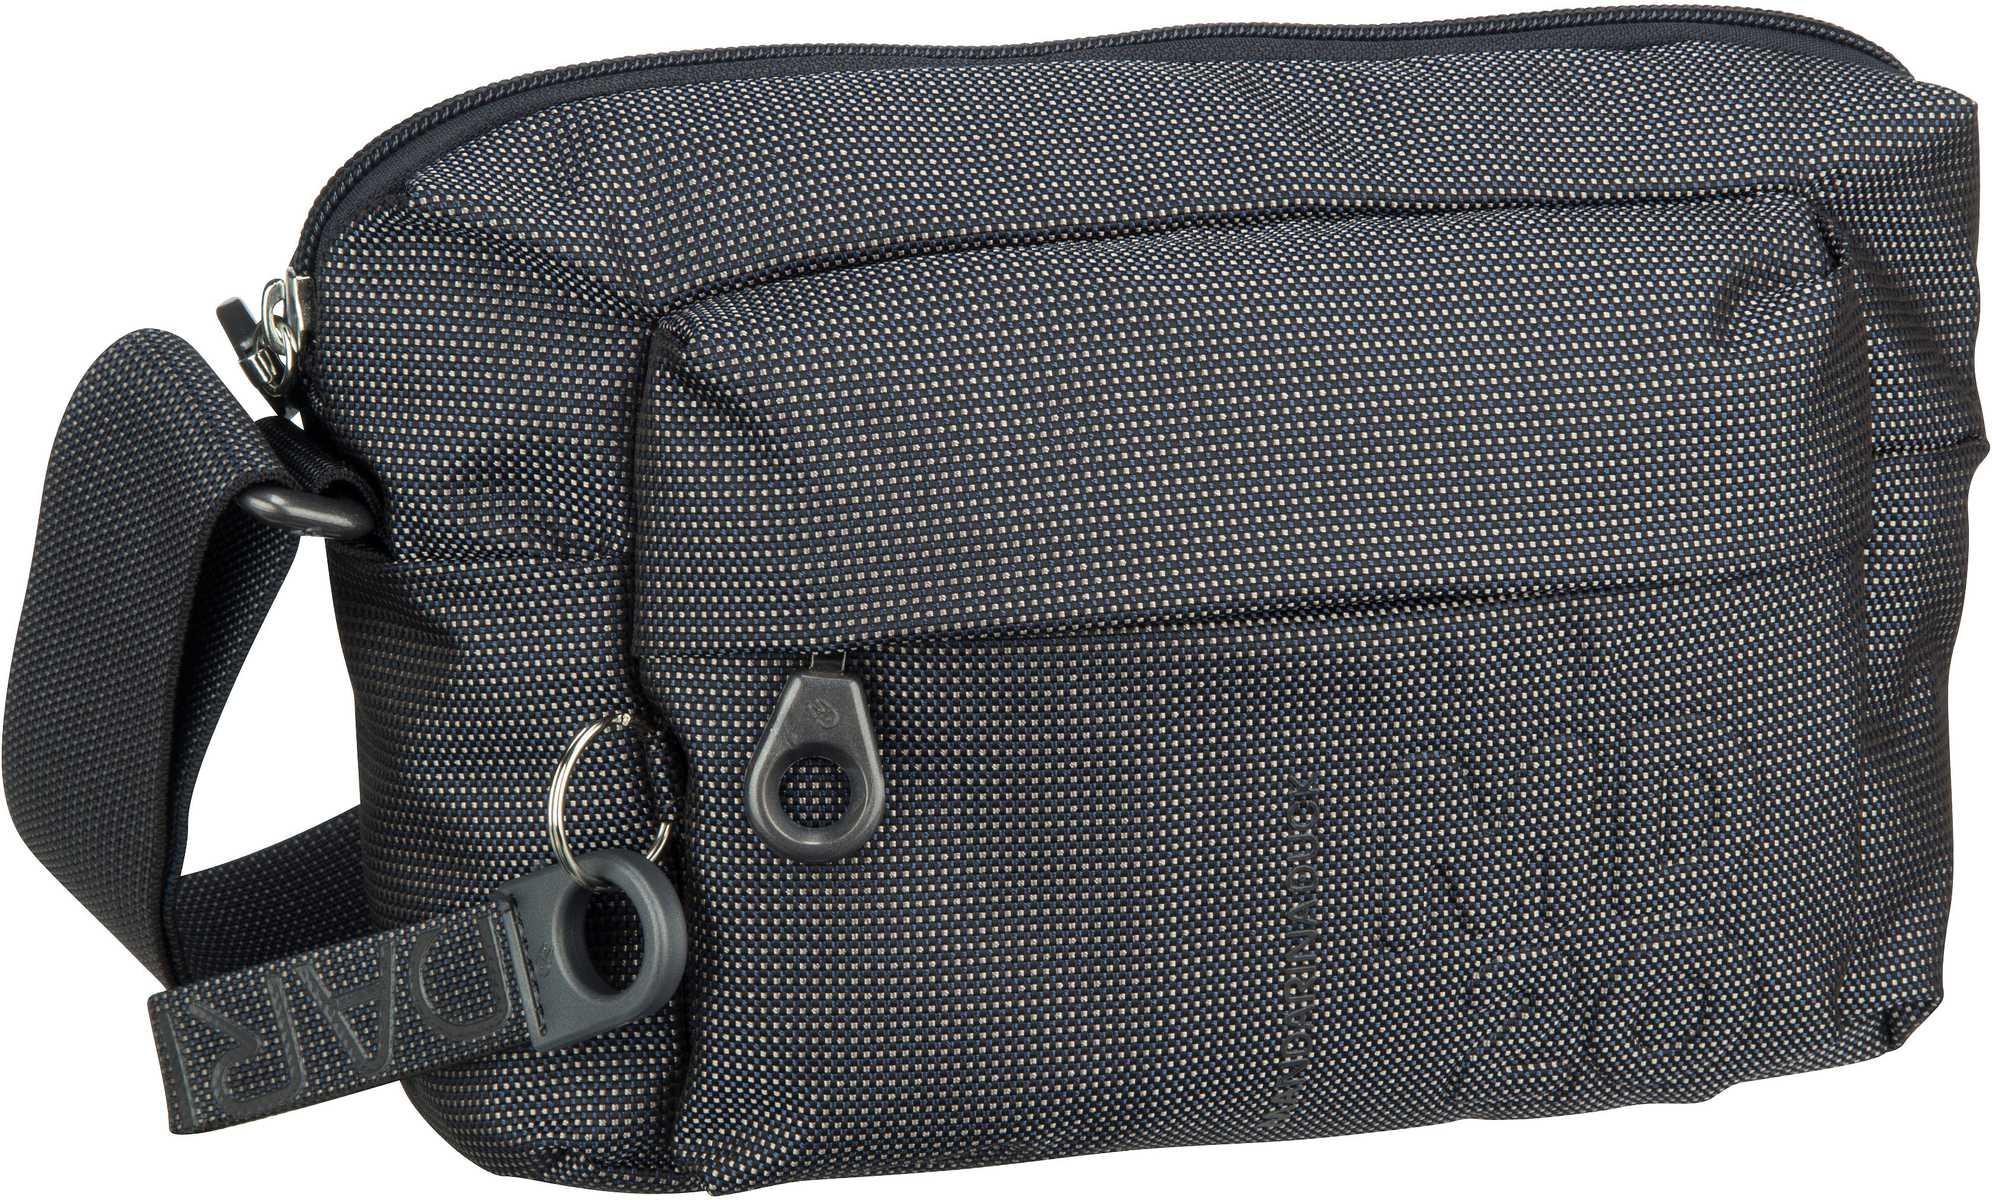 Umhängetasche MD20 Small Crossover Bag QMTT7 Steel